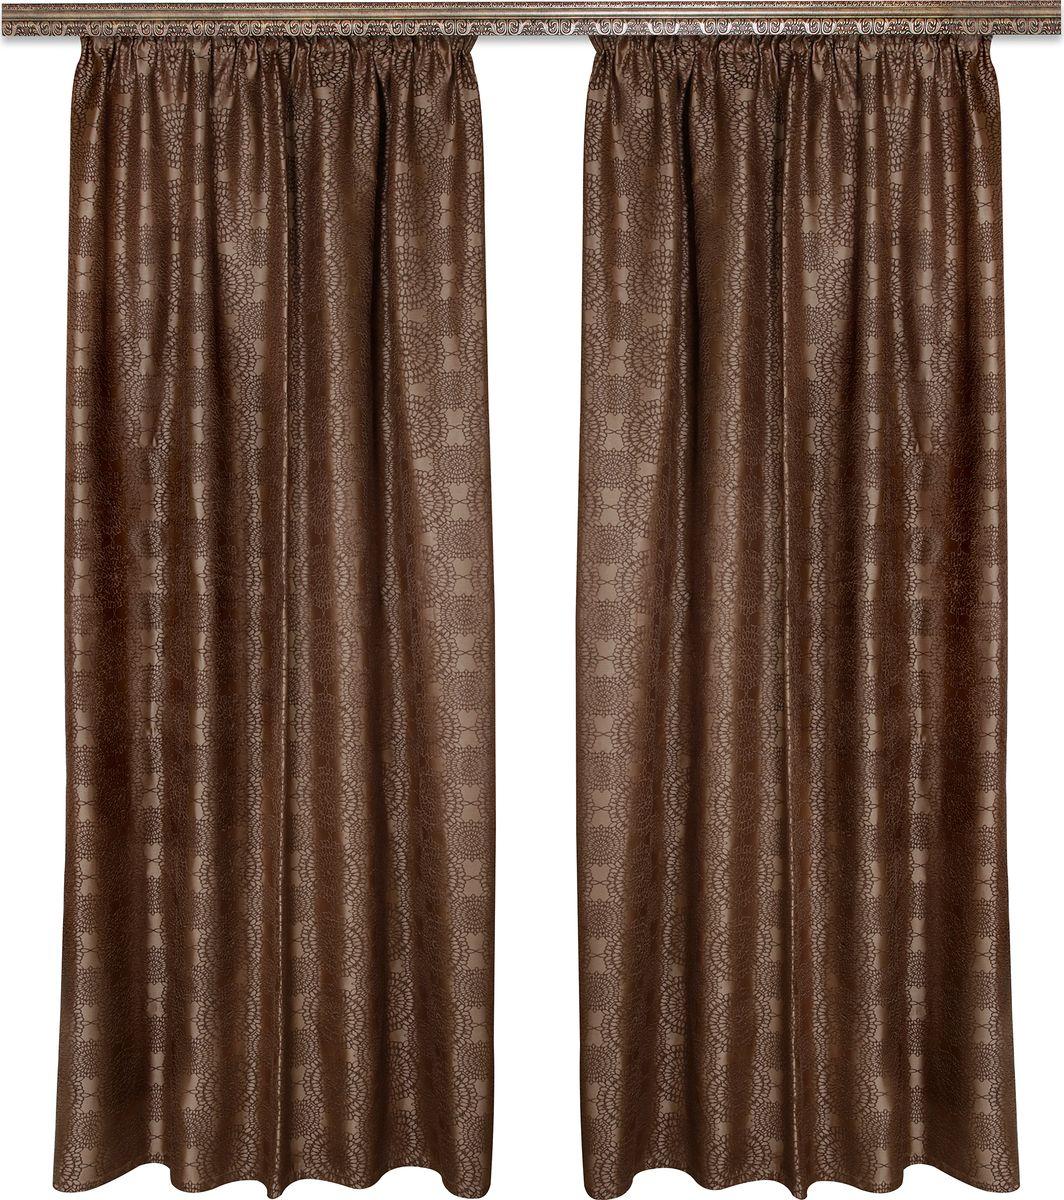 Комплект штор Zlata Korunka, на ленте, цвет: коричневый, высота 270 см. 777105777105Роскошный комплект штор Zlata Korunka комплект состоит из двух портьер, выполненных из 100% полиэстера, которые великолепно украсит любое окно.Плотная ткань, оригинальный орнамент и приятная цветовая гамма привлекут к себе внимание и органично впишутся в интерьер помещения. Комплект крепится на карниз при помощи шторной ленты, которая поможет красиво и равномерно задрапировать верх.Этот комплект будет долгое время радовать вас и вашу семью! В комплект входит: Штора: 2 шт. Размер (ШхВ): 160 см х 270 см.